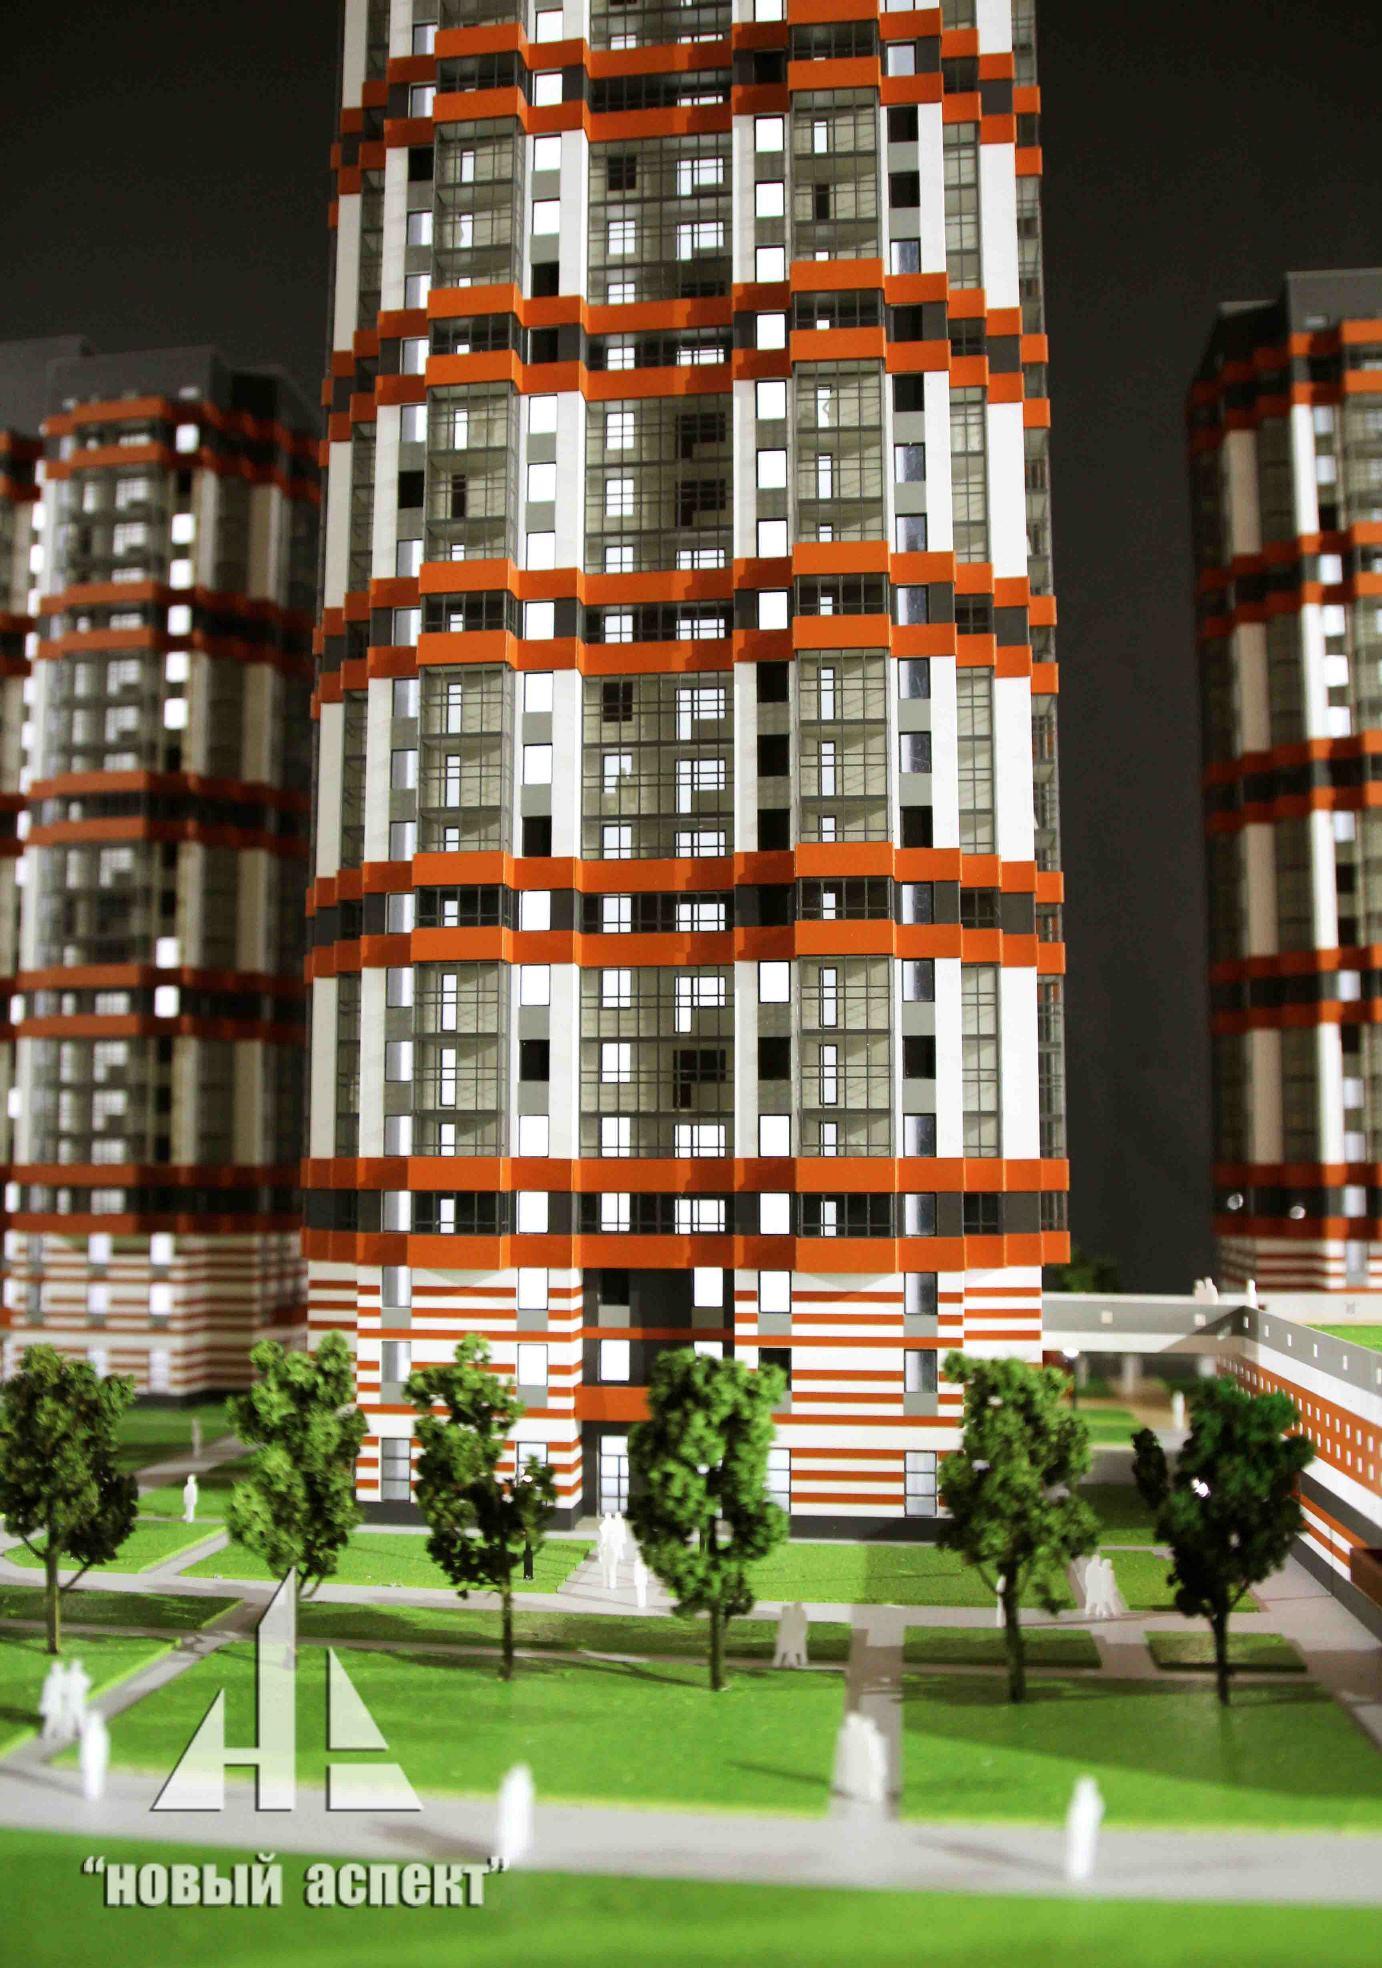 Макеты жилых домов и комплексов бдт2